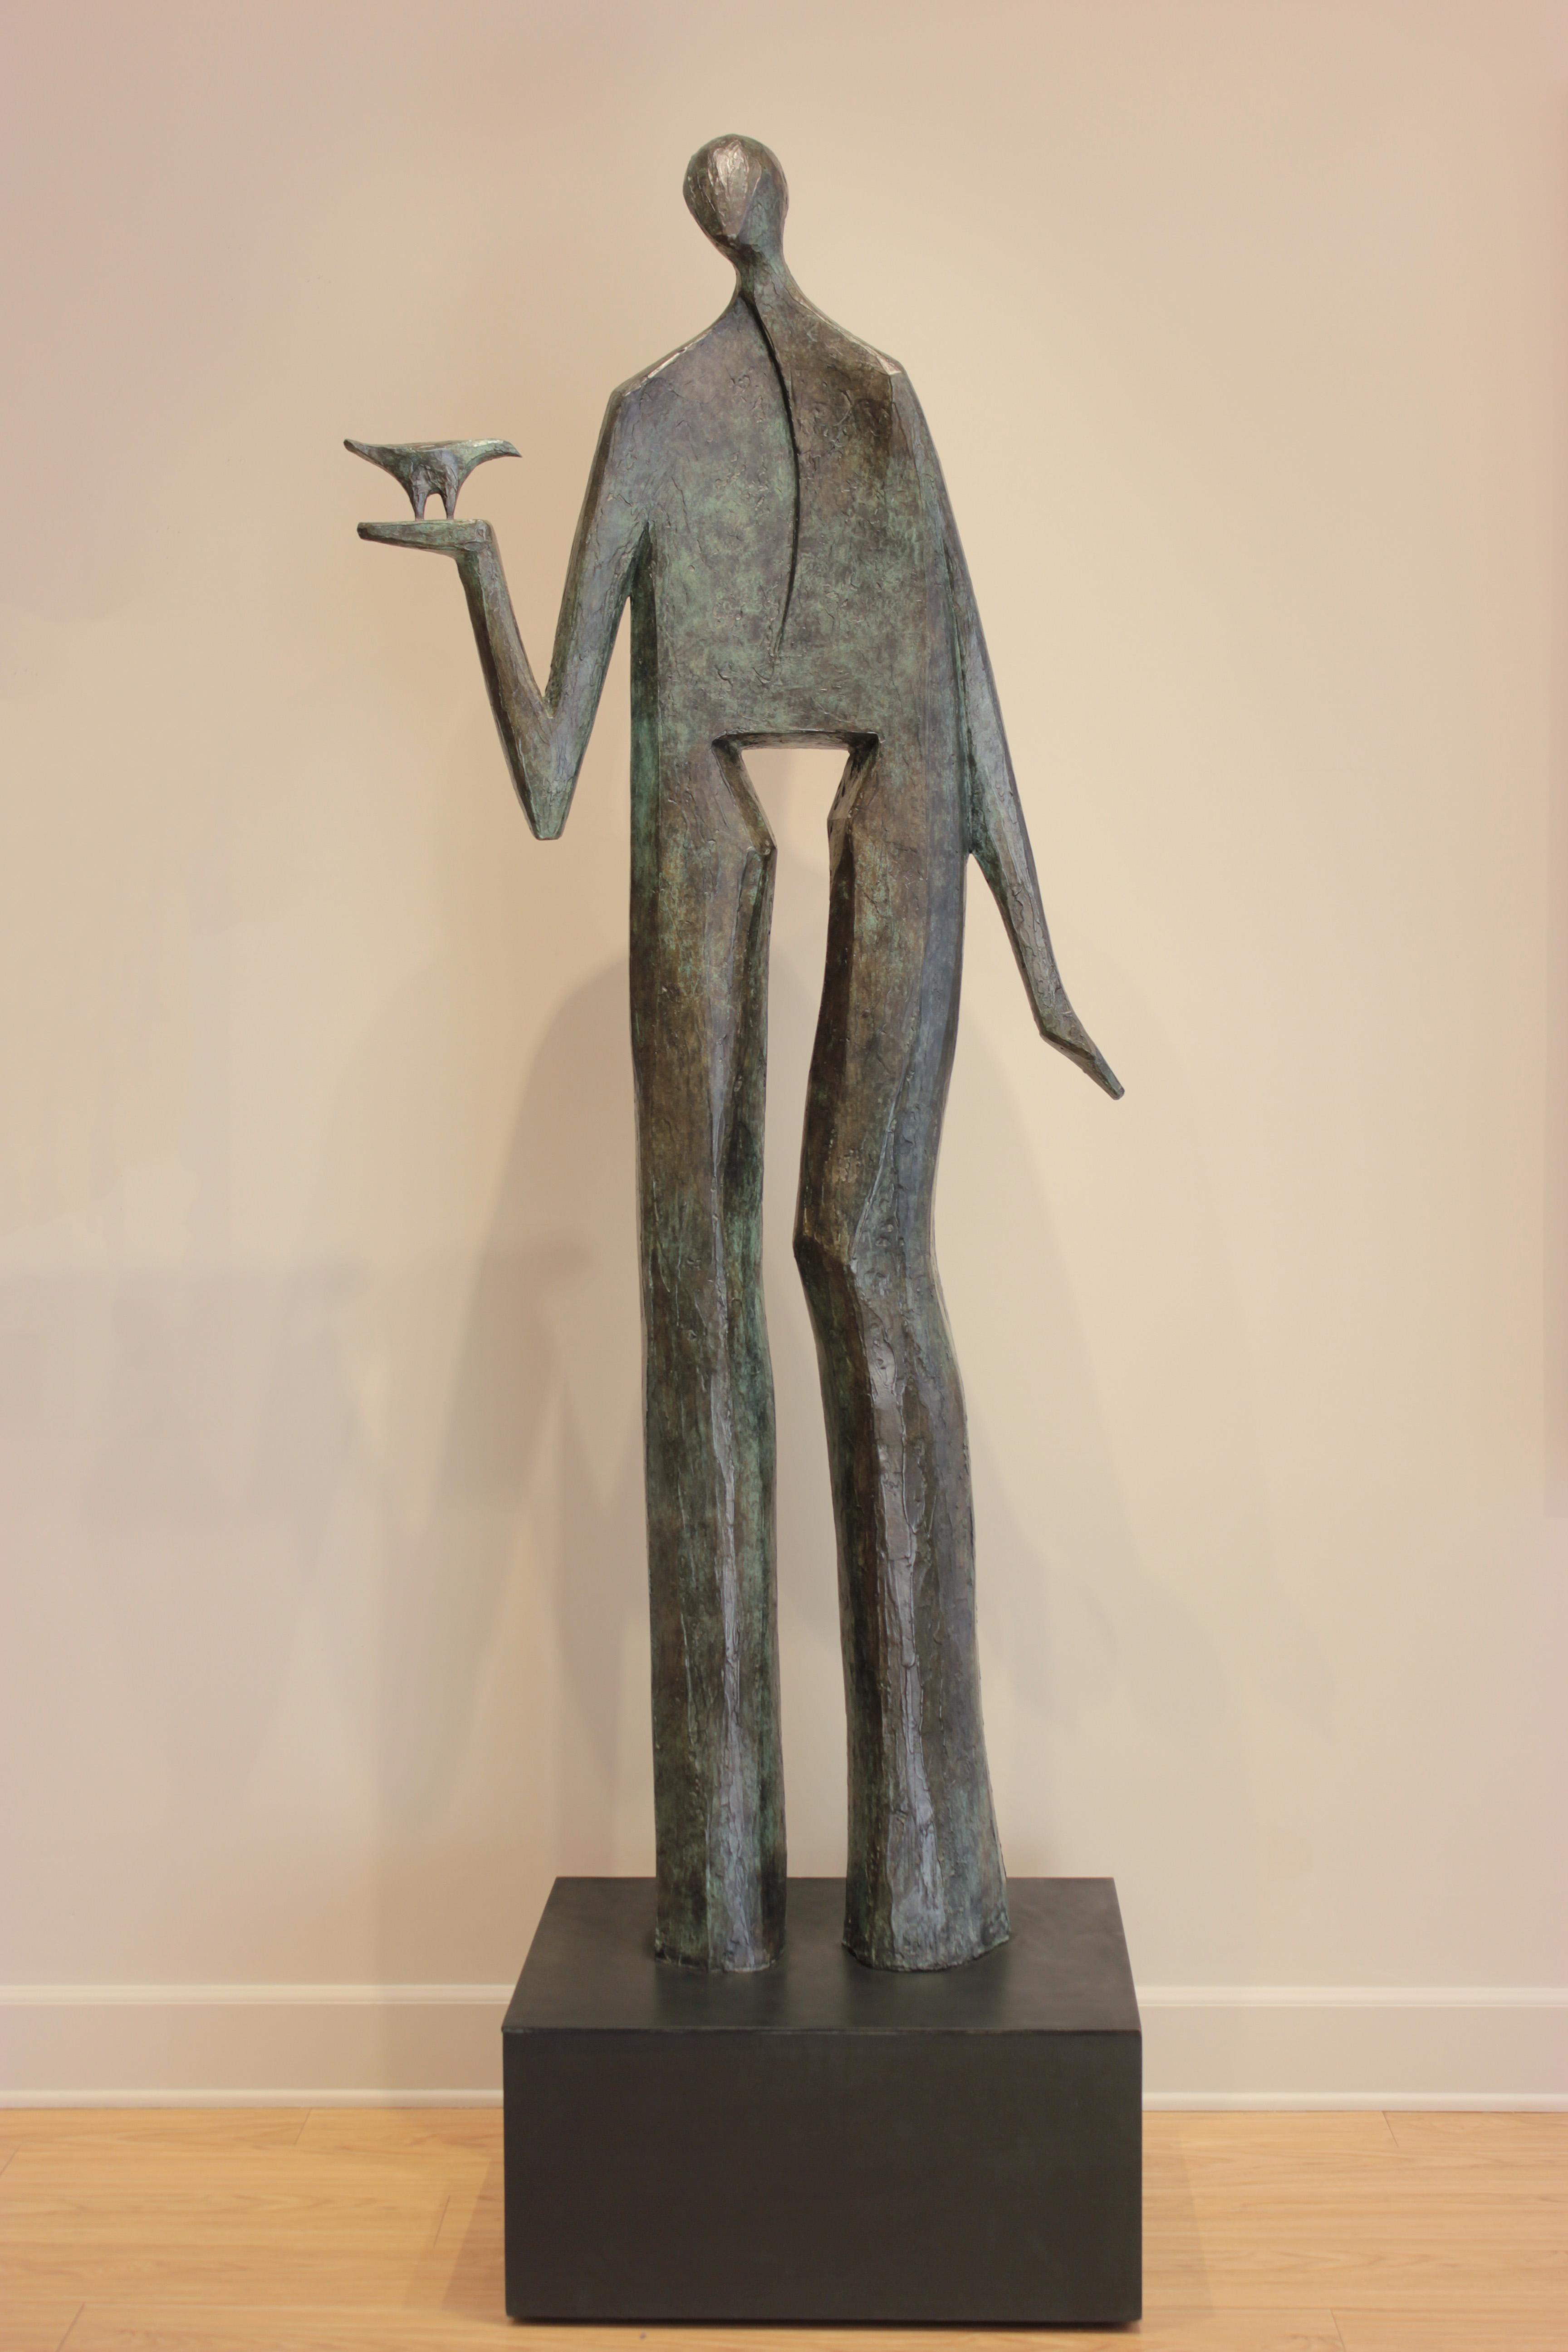 Birdman in Gallery shots (18)